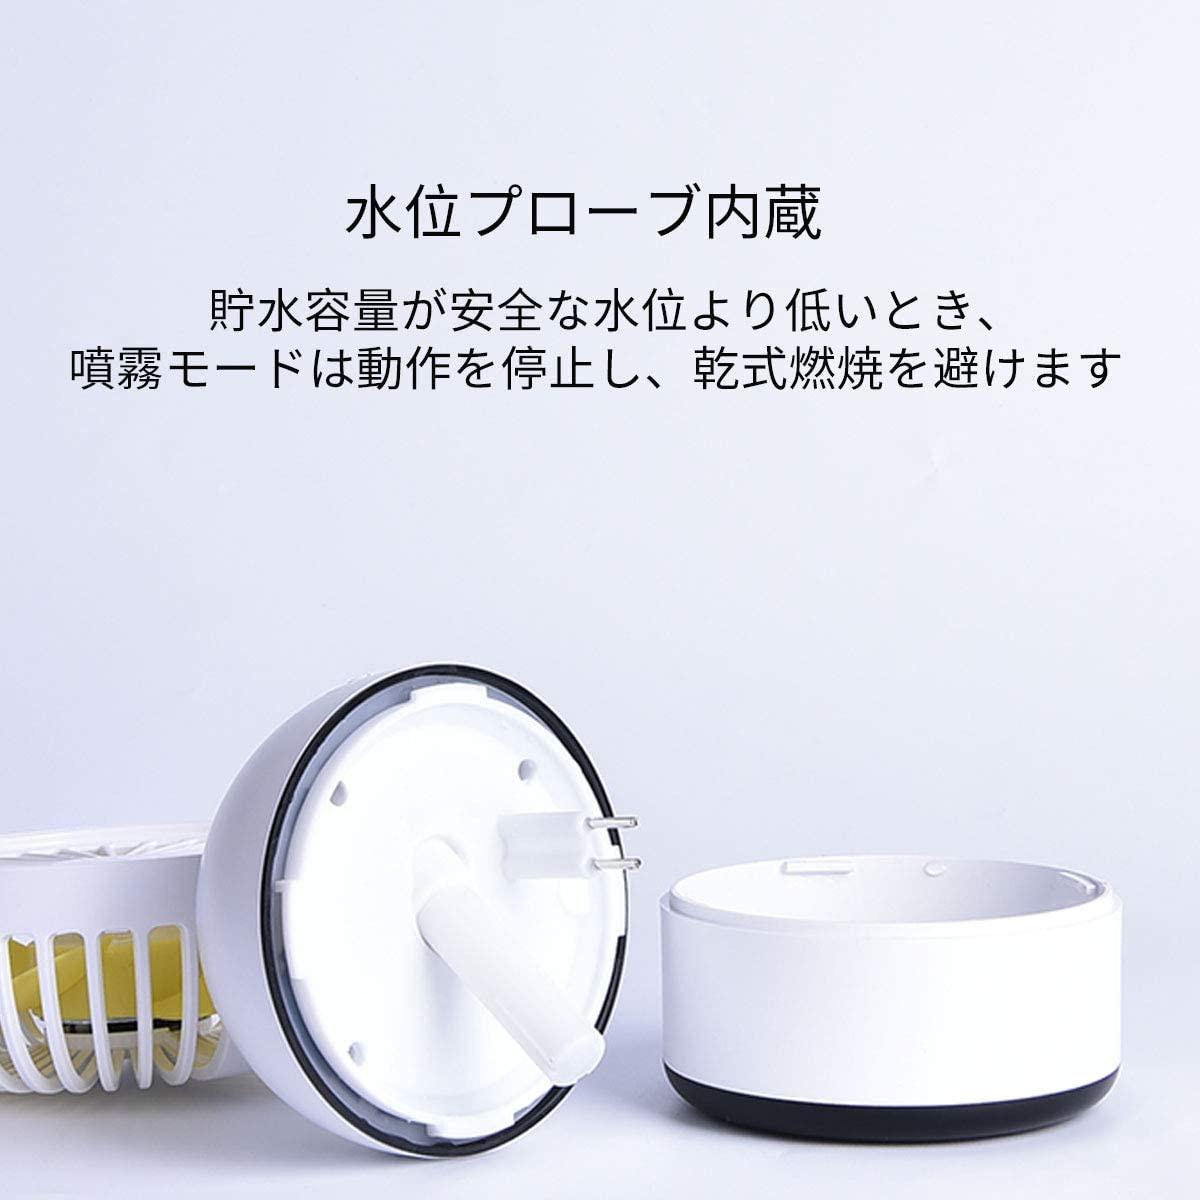 NI-SHEN(ニーシェン) 卓上扇風機 ミストファン加湿機能付きの商品画像5